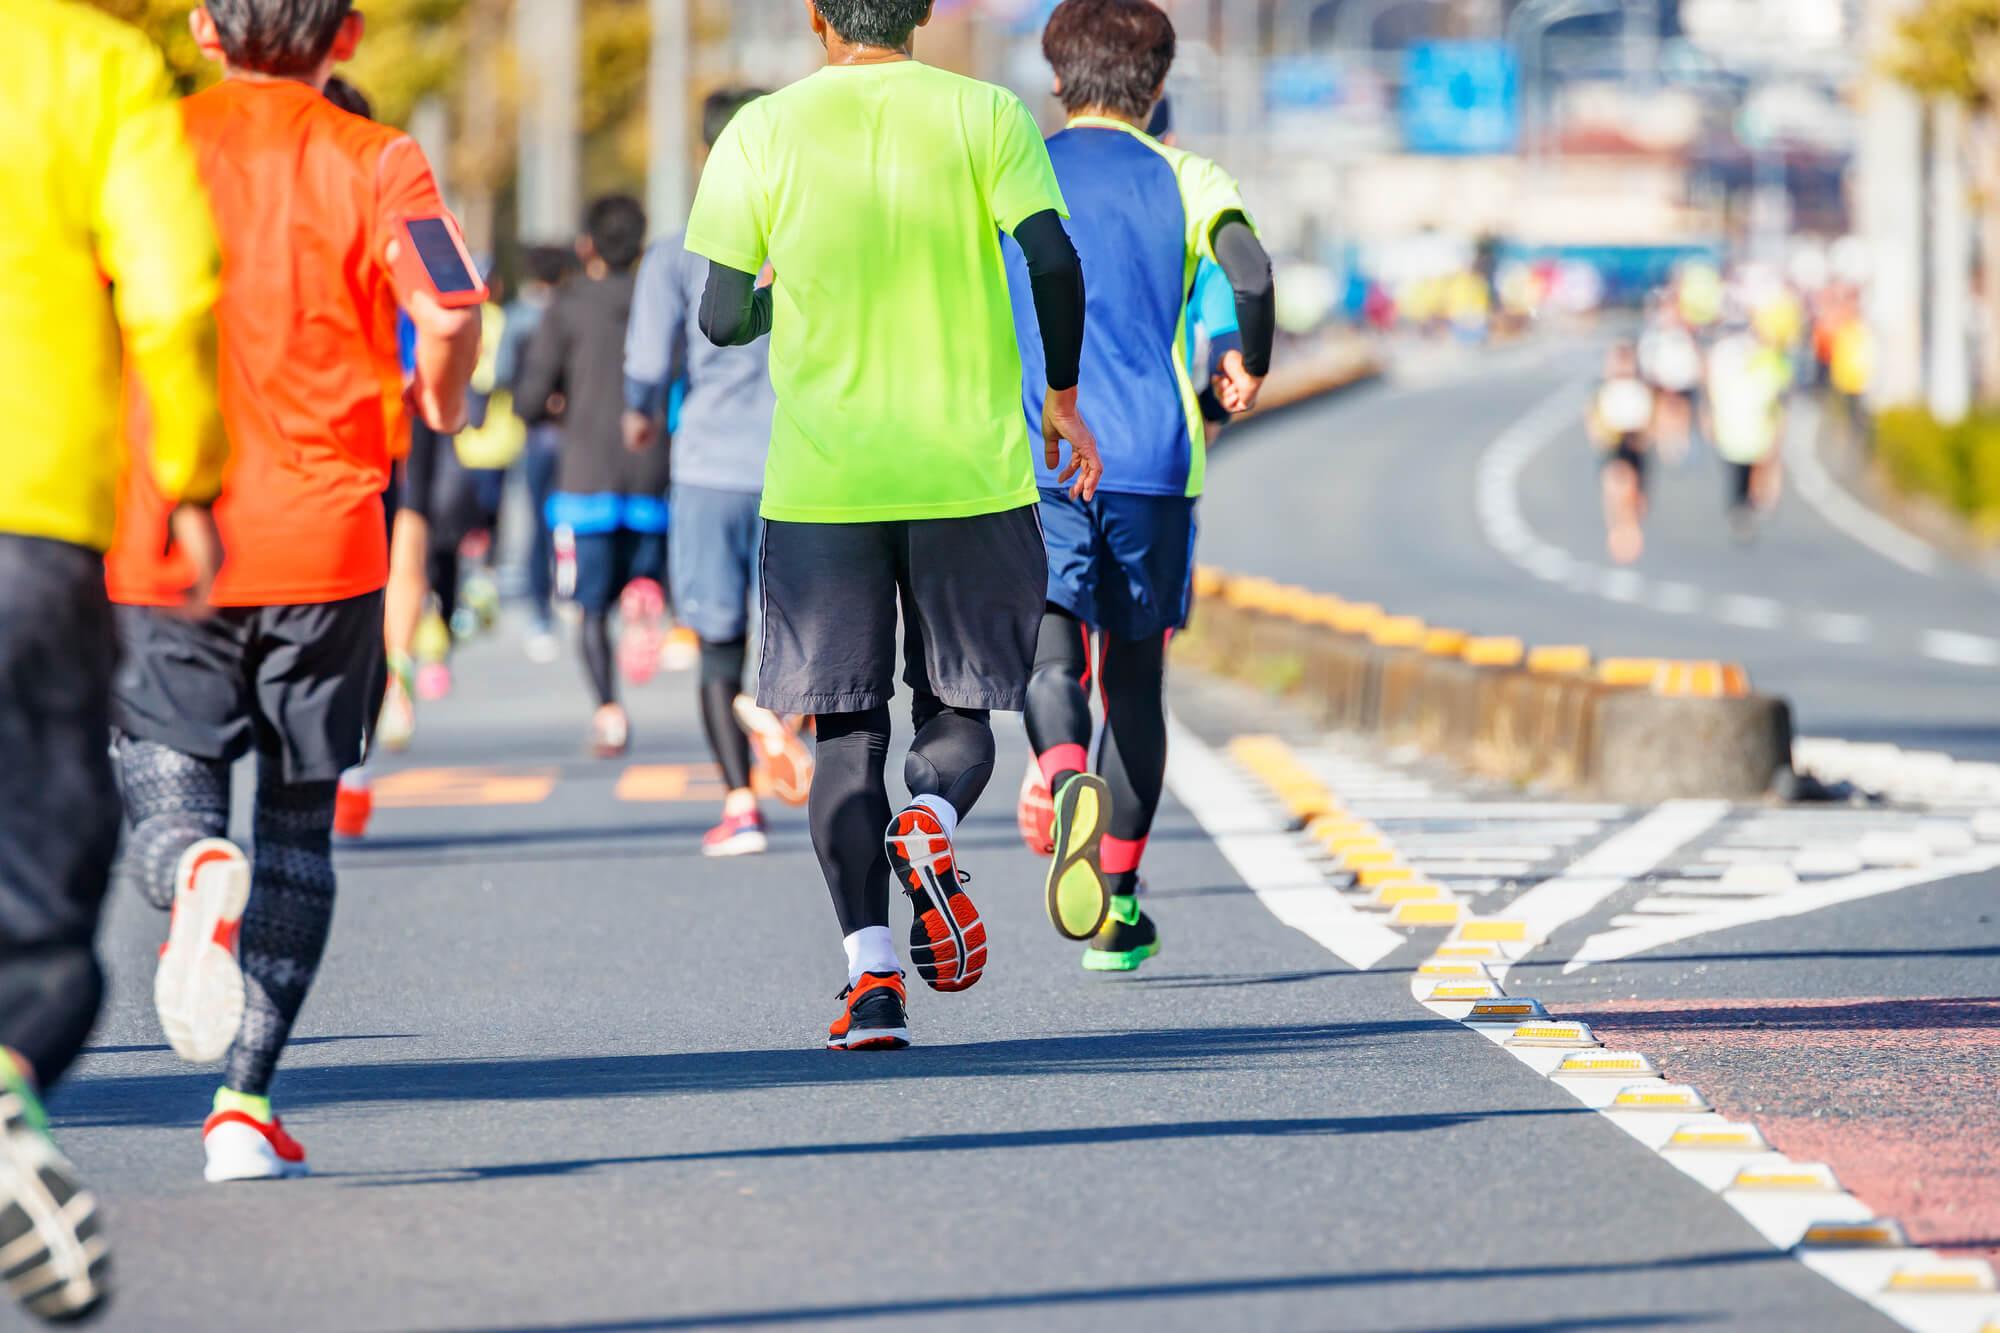 板橋Cityマラソン | 東京都